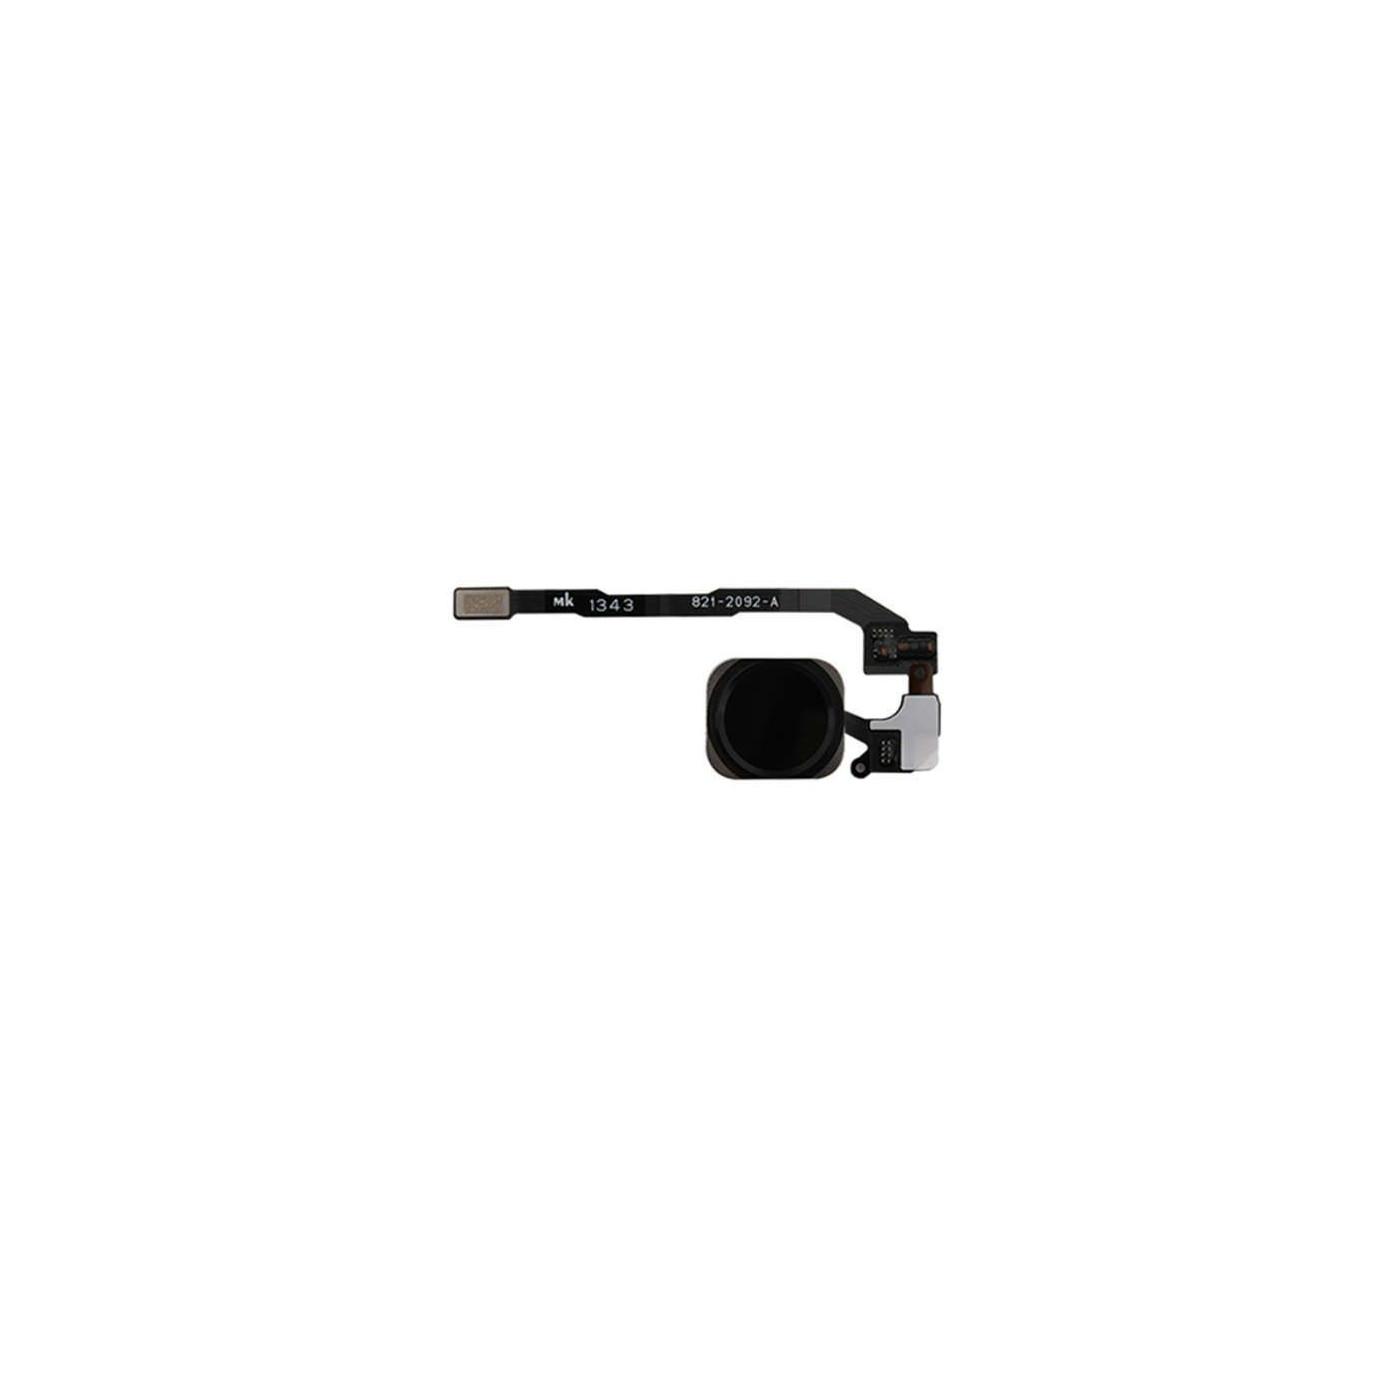 Botón de inicio para el lector de Apple iphone 5s sin impresión montaje negro flex reemplazo